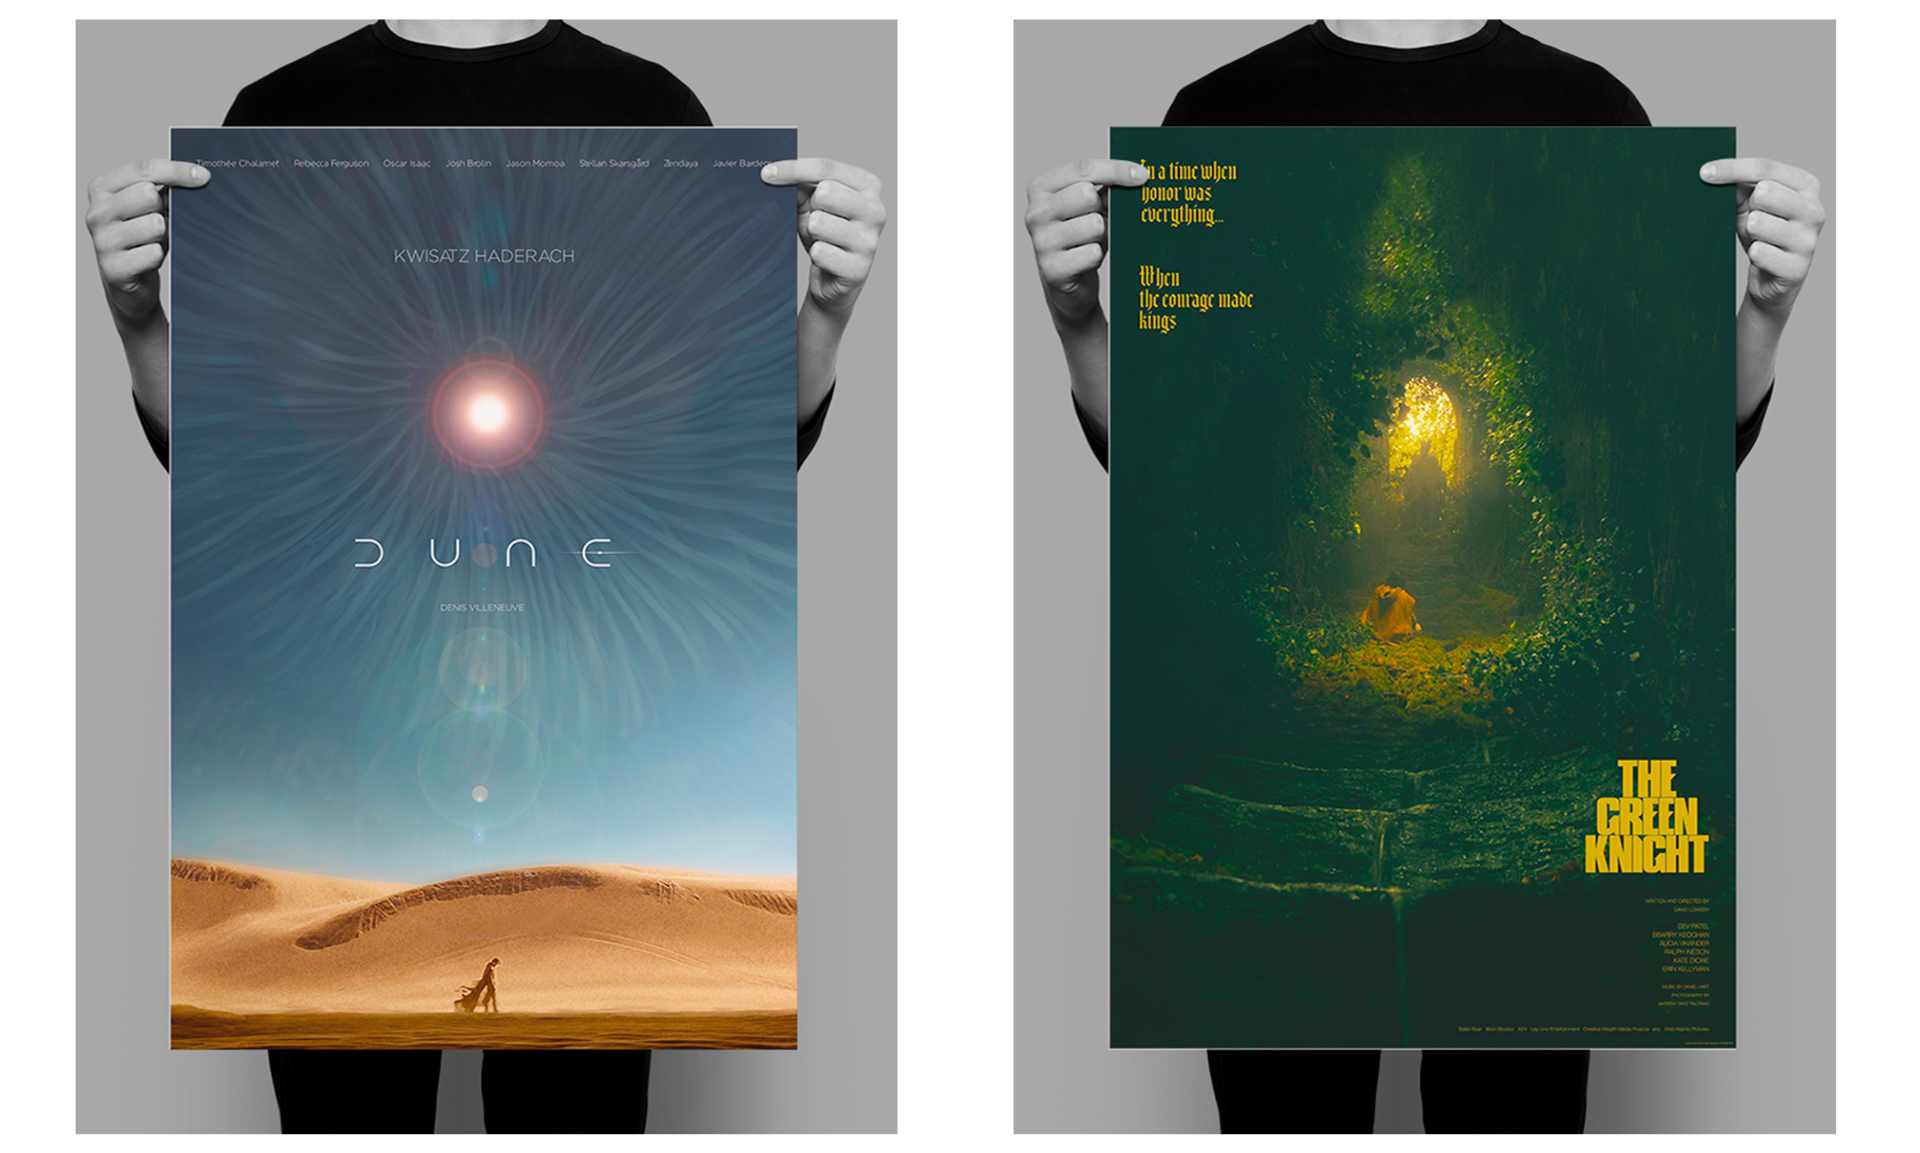 pósters alternativos de películas